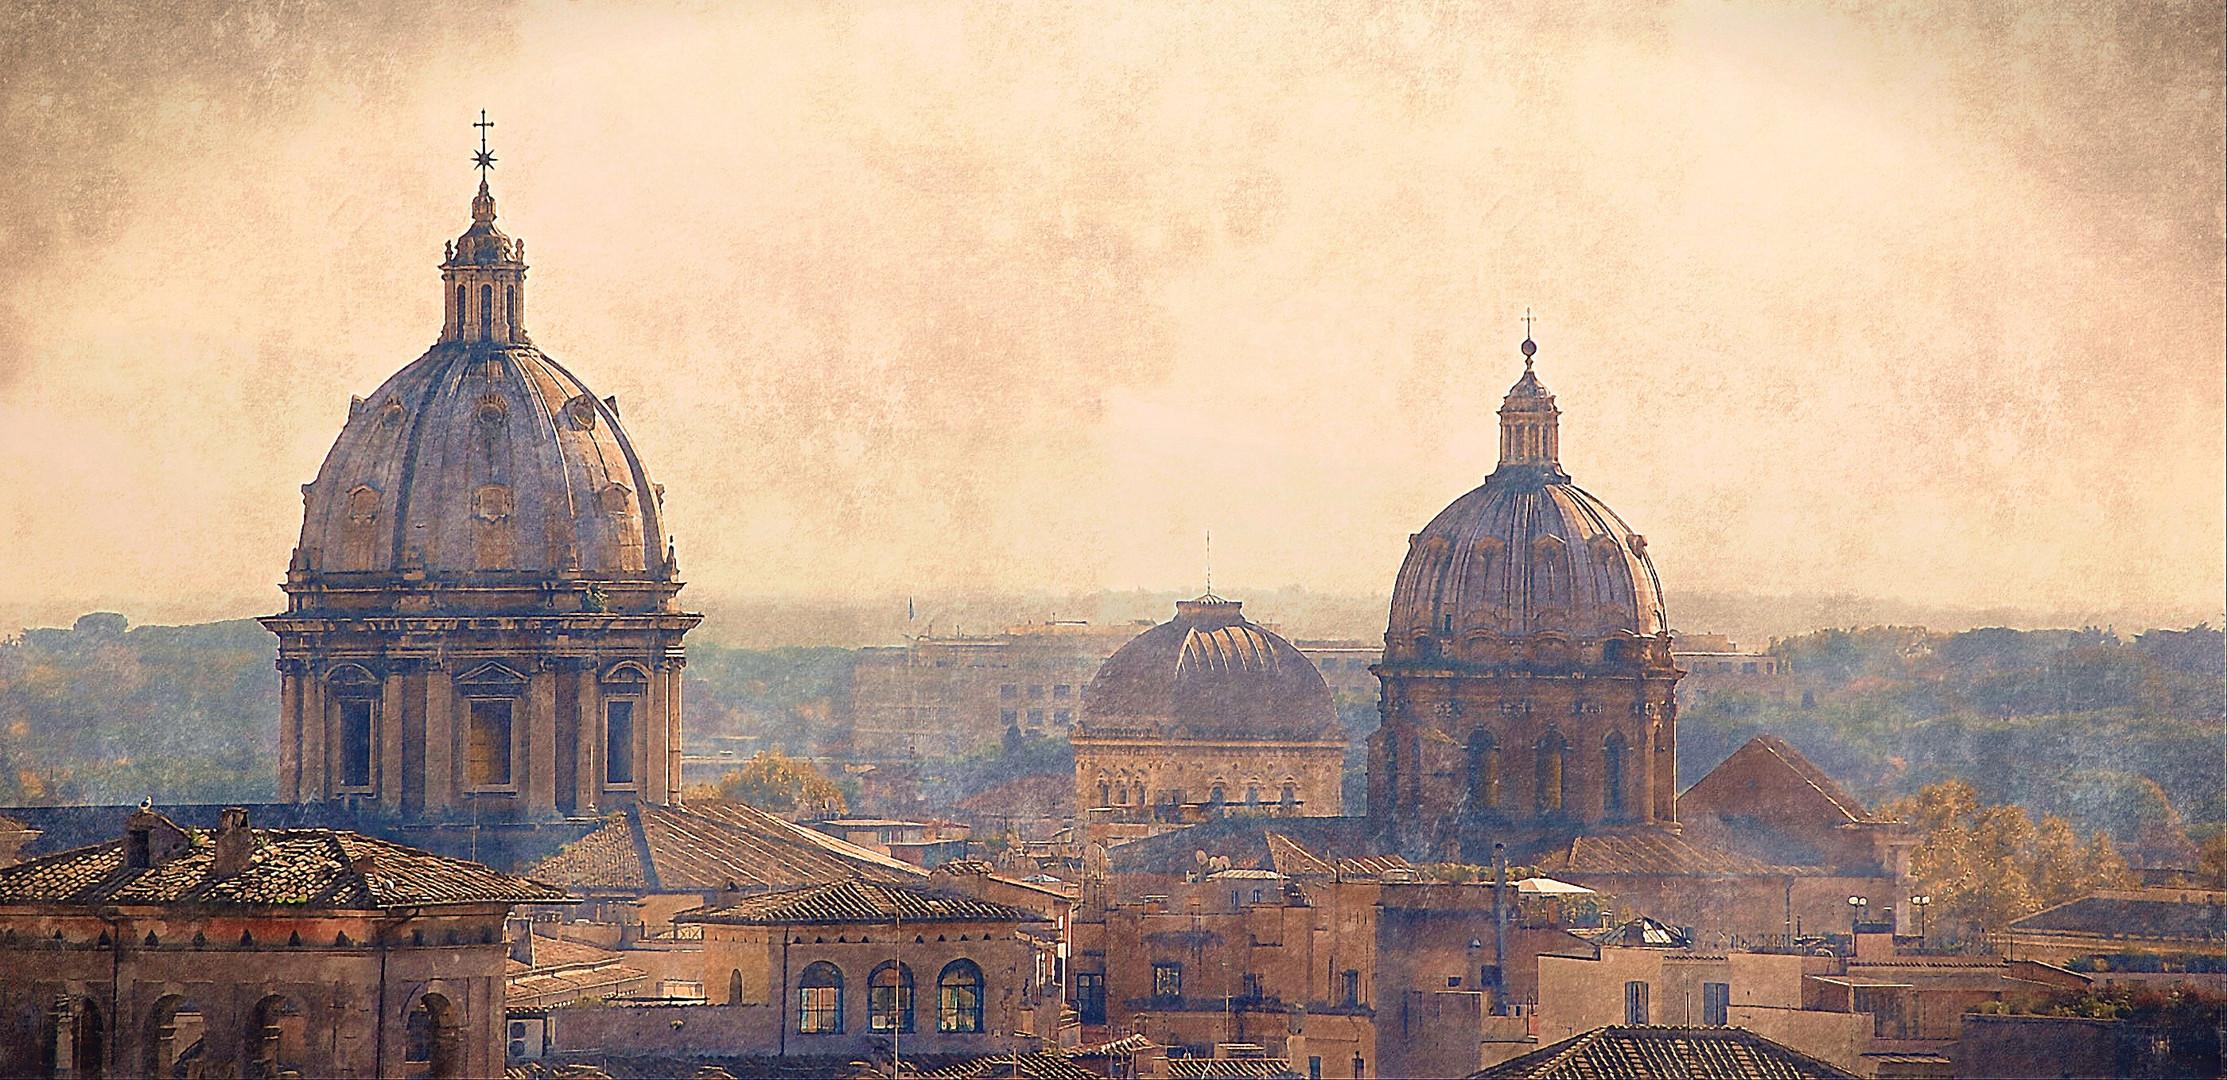 """Le Chiese di Roma: """"Basilica di Sant'Andrea della Valle e Chiesa di San Carlo ai Catinari """""""